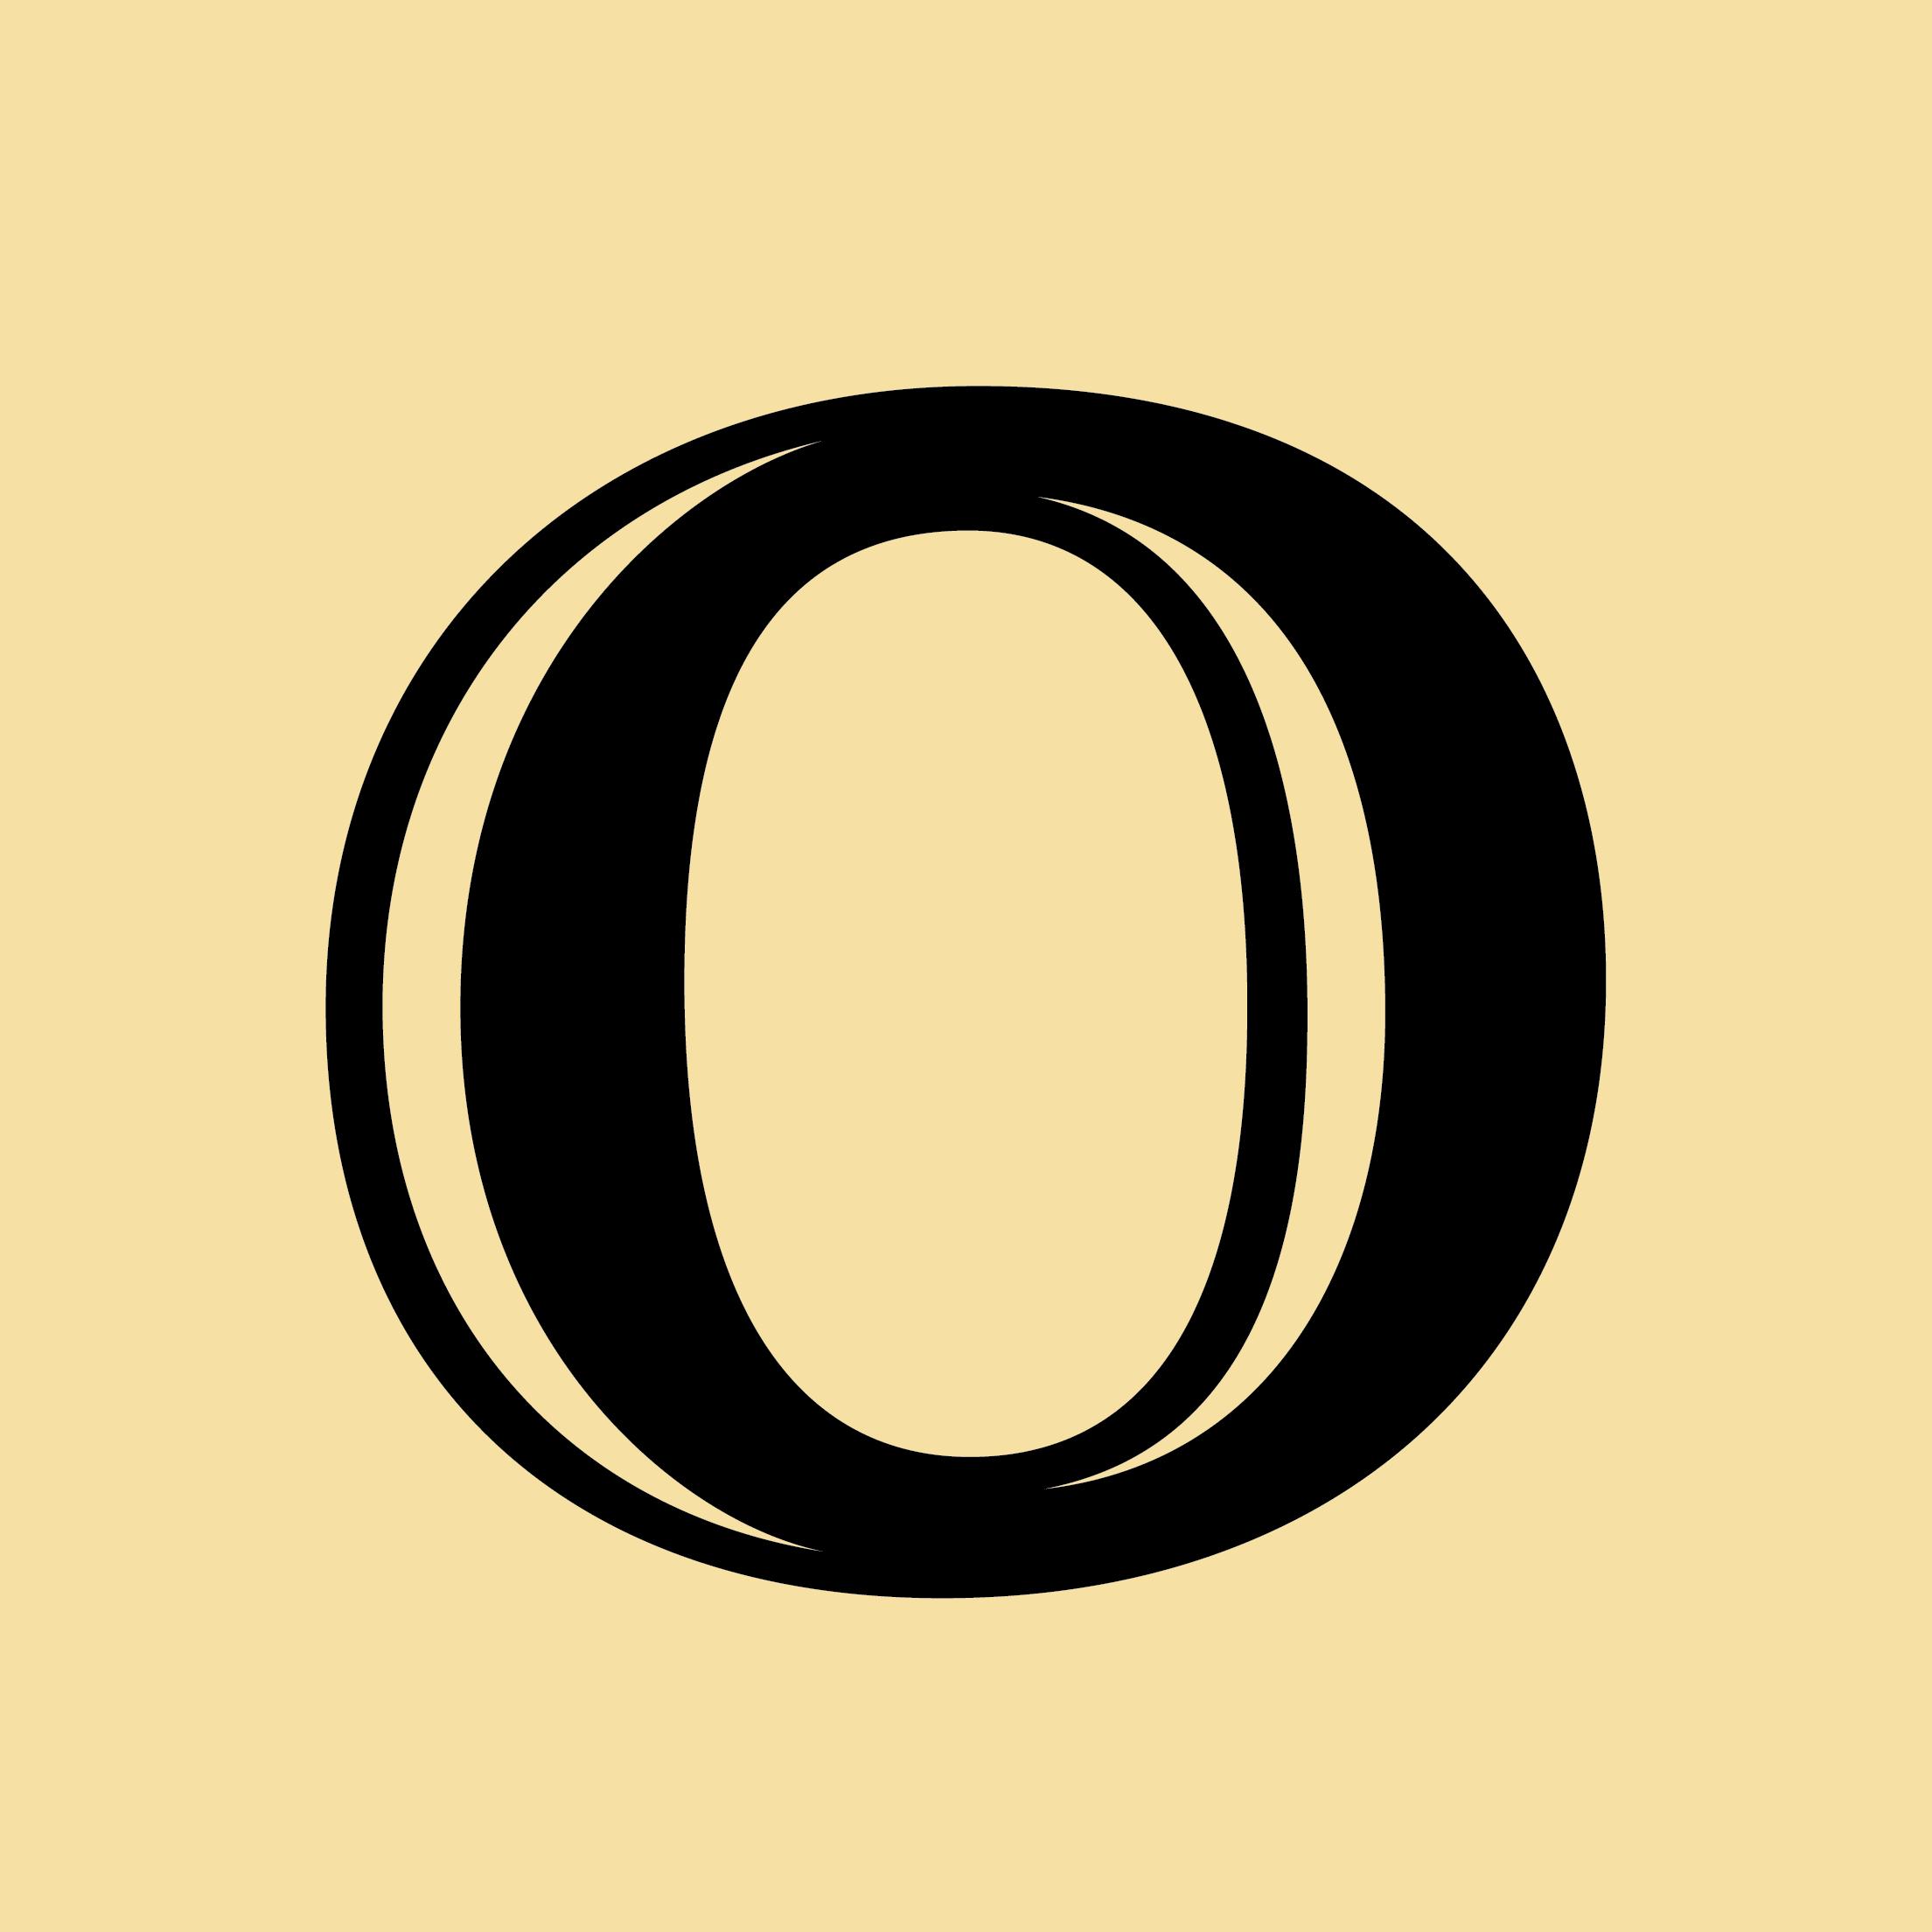 oral_logos-02.png